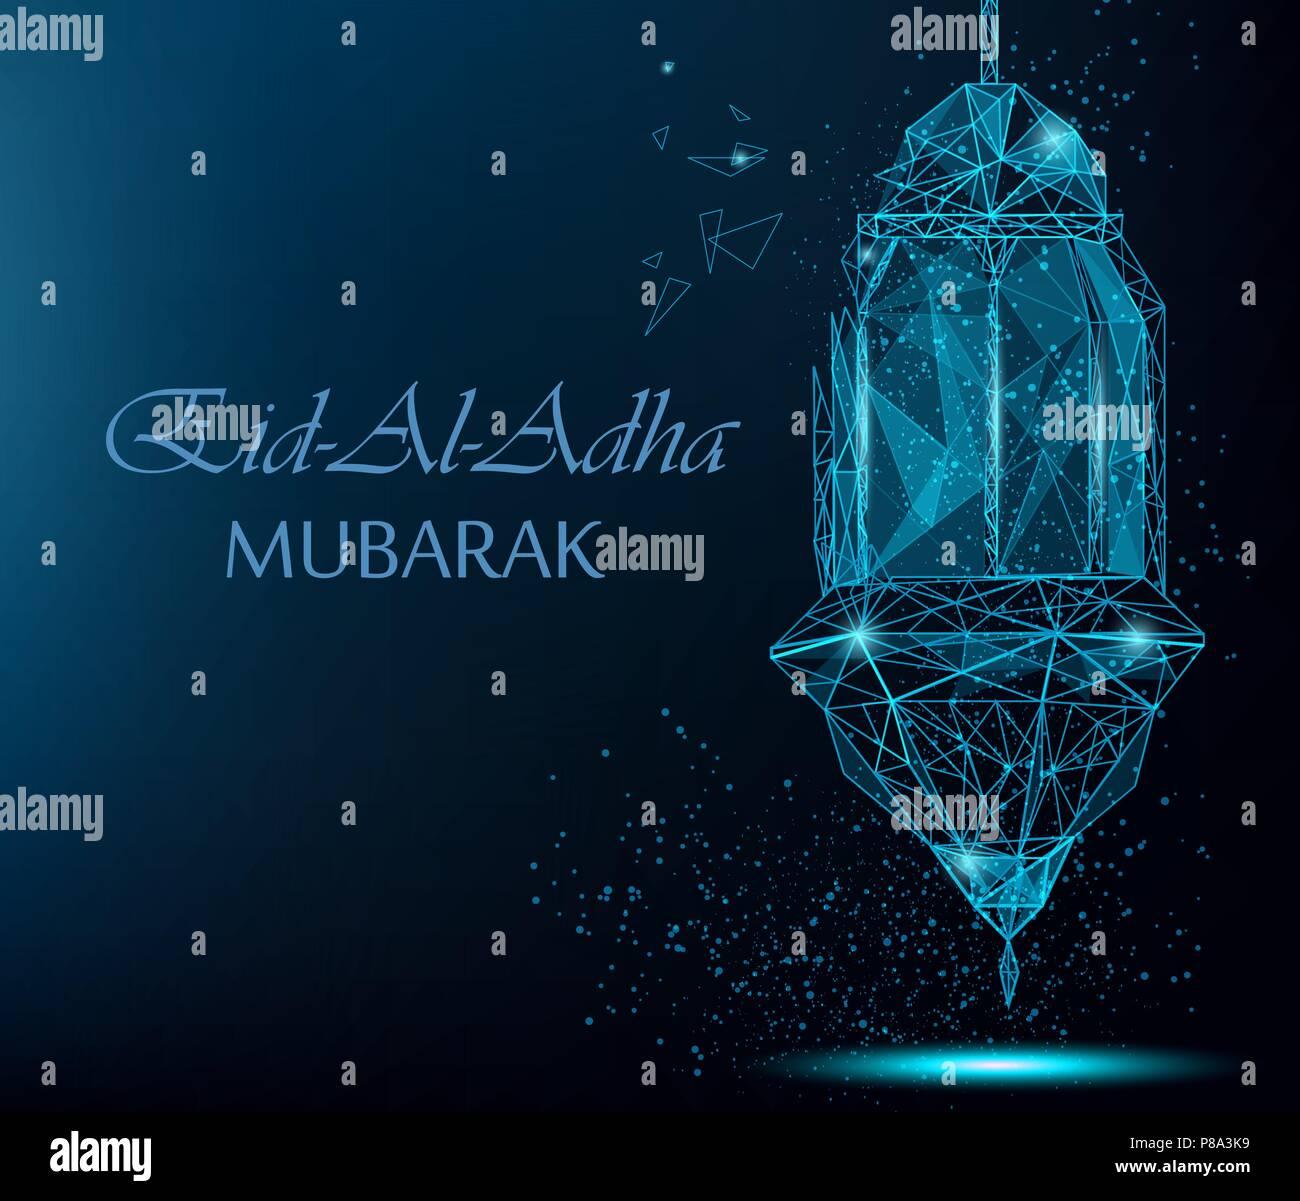 Eid Al Adha Bright Greeting Card With Traditional Arabic Lantern